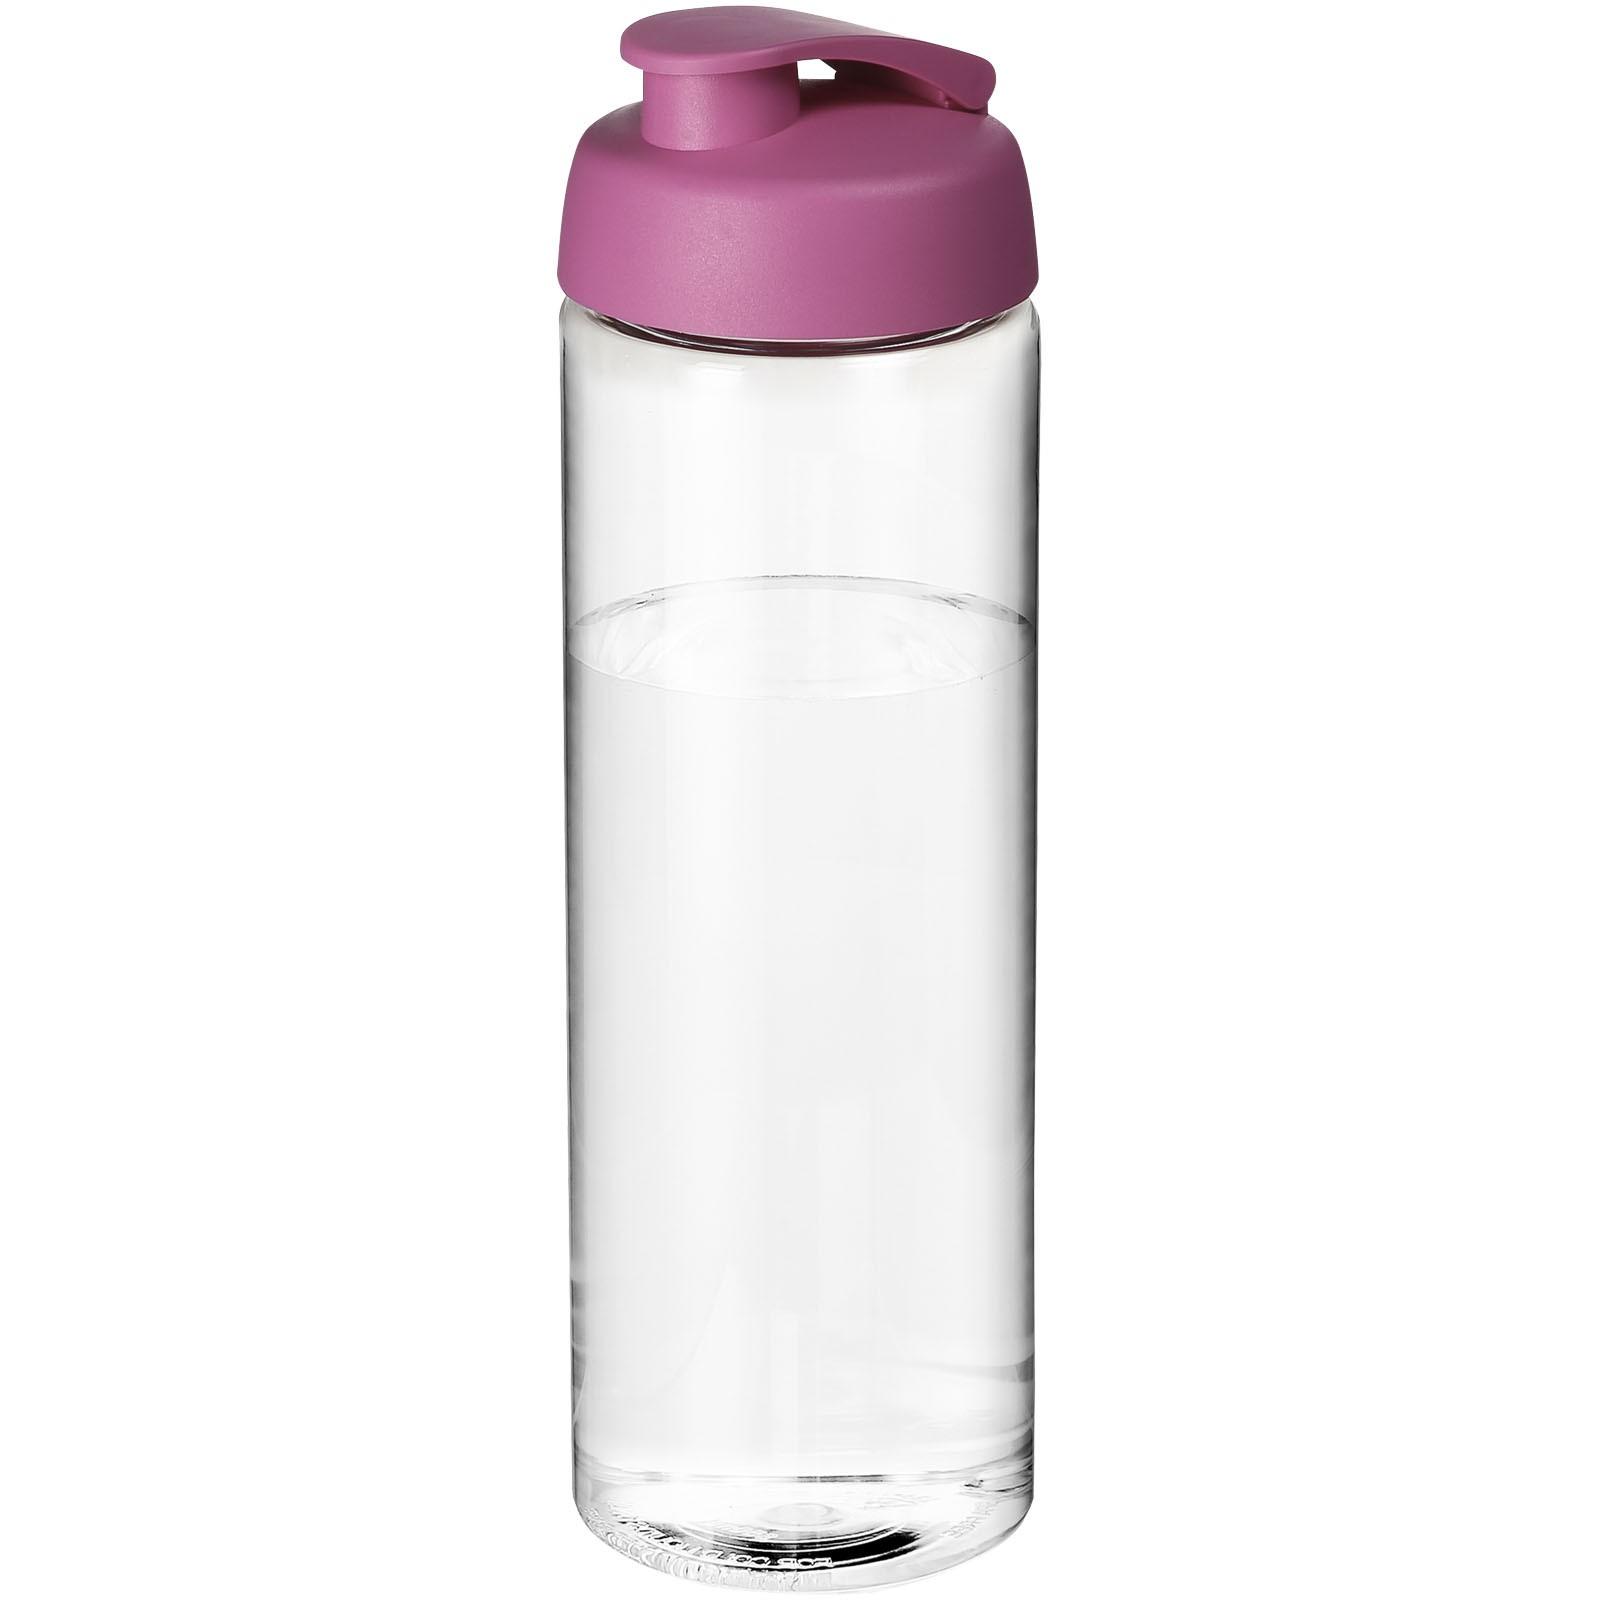 H2O Vibe 850 ml sportovní lahev s vyklápěcím víčkem - Průhledná / Růžová